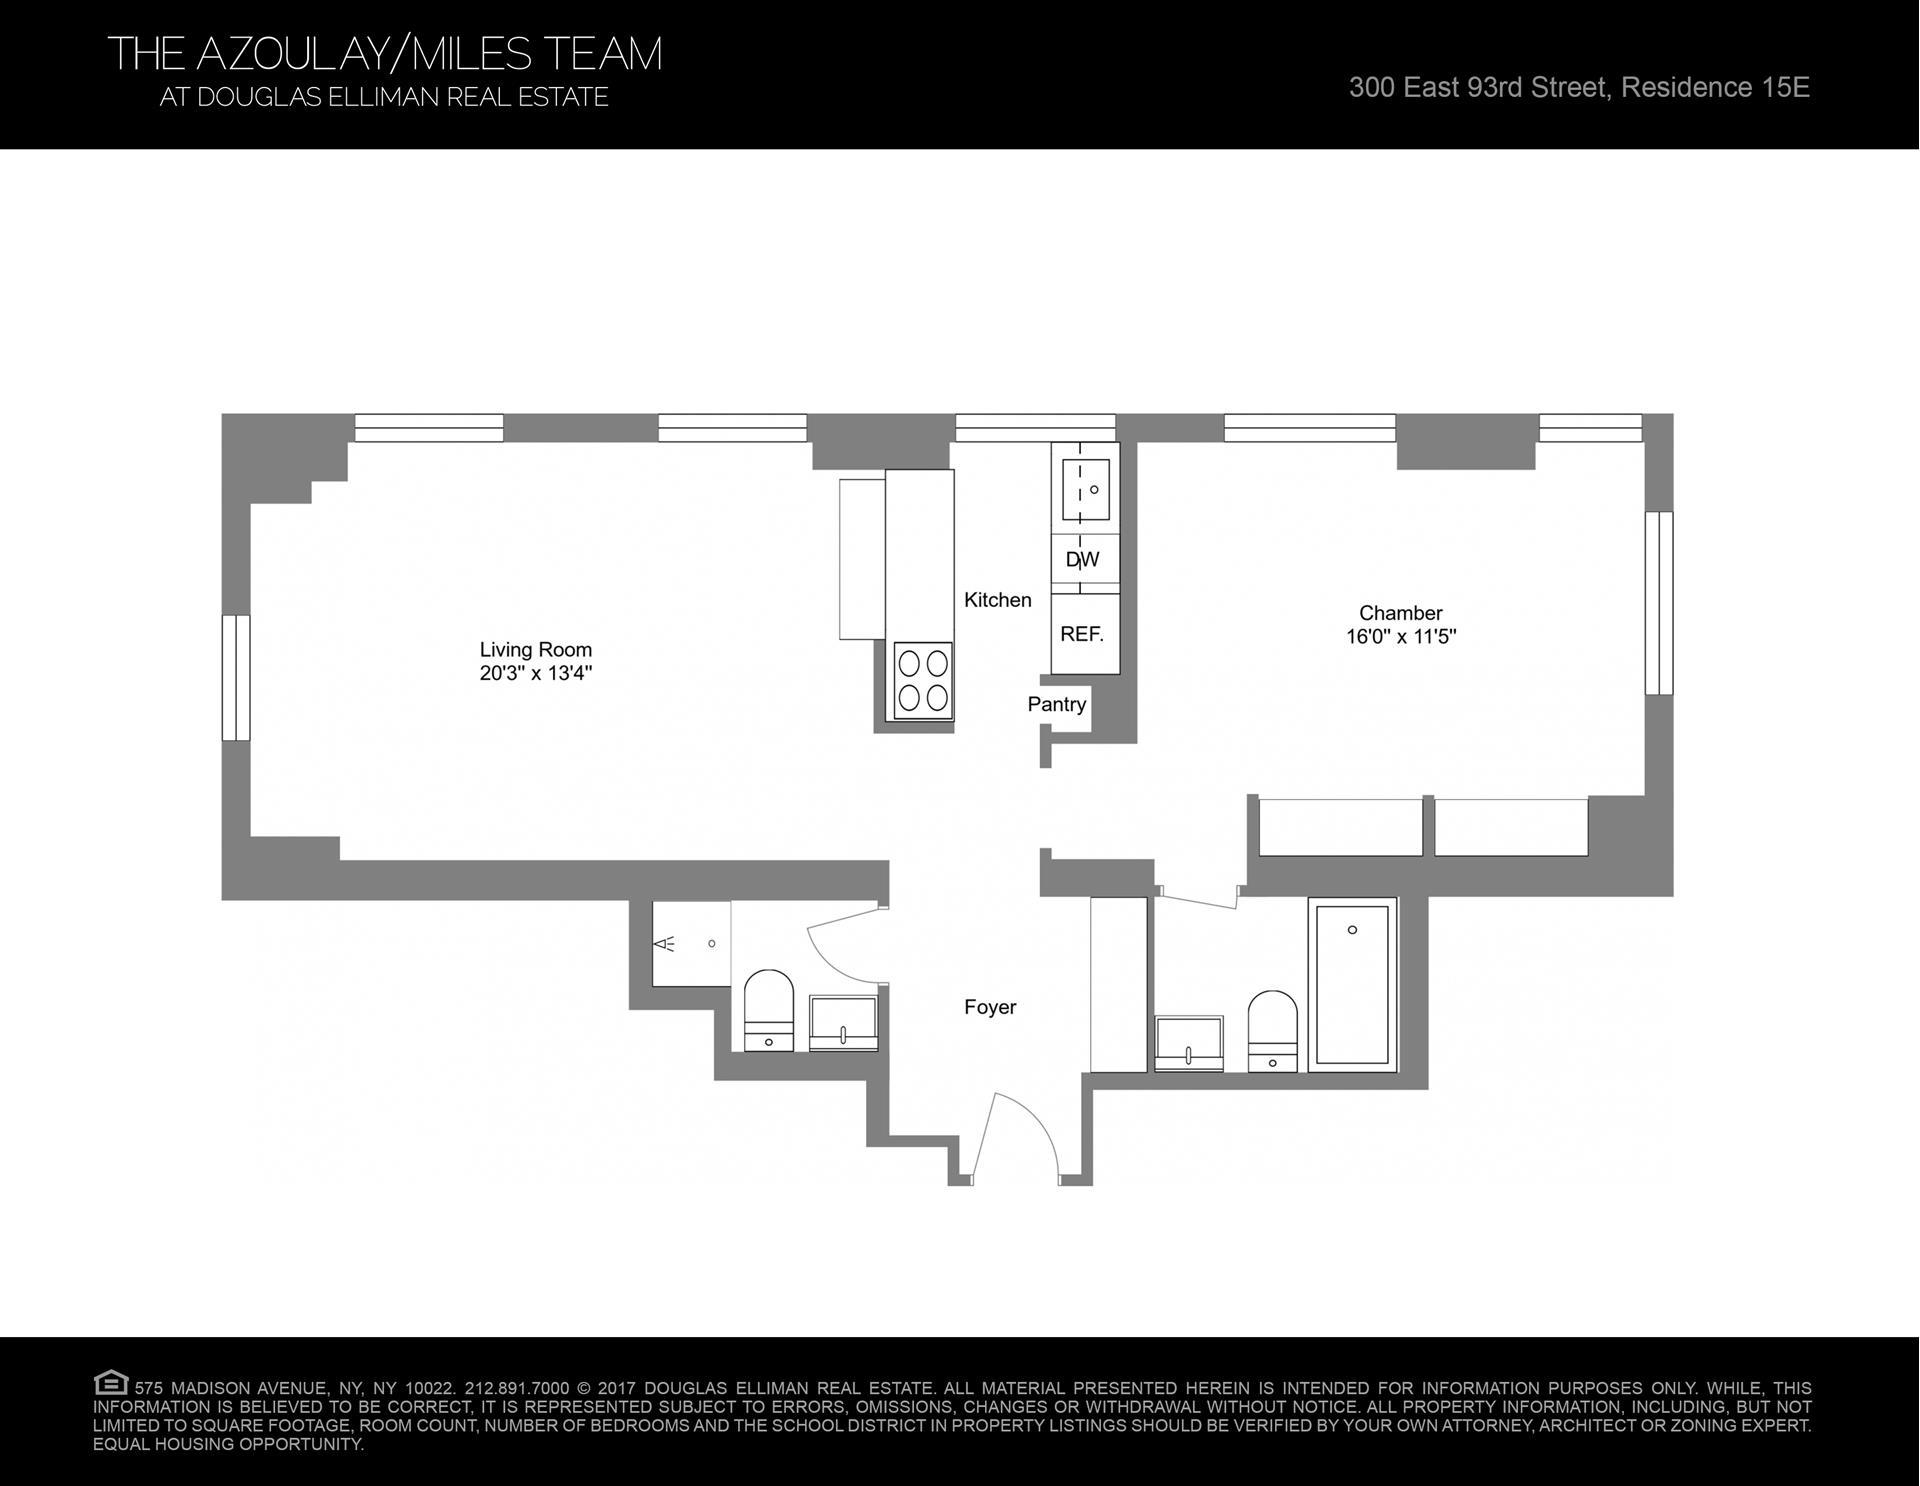 Floor plan of 300 East 93rd St, 15E - Upper East Side, New York